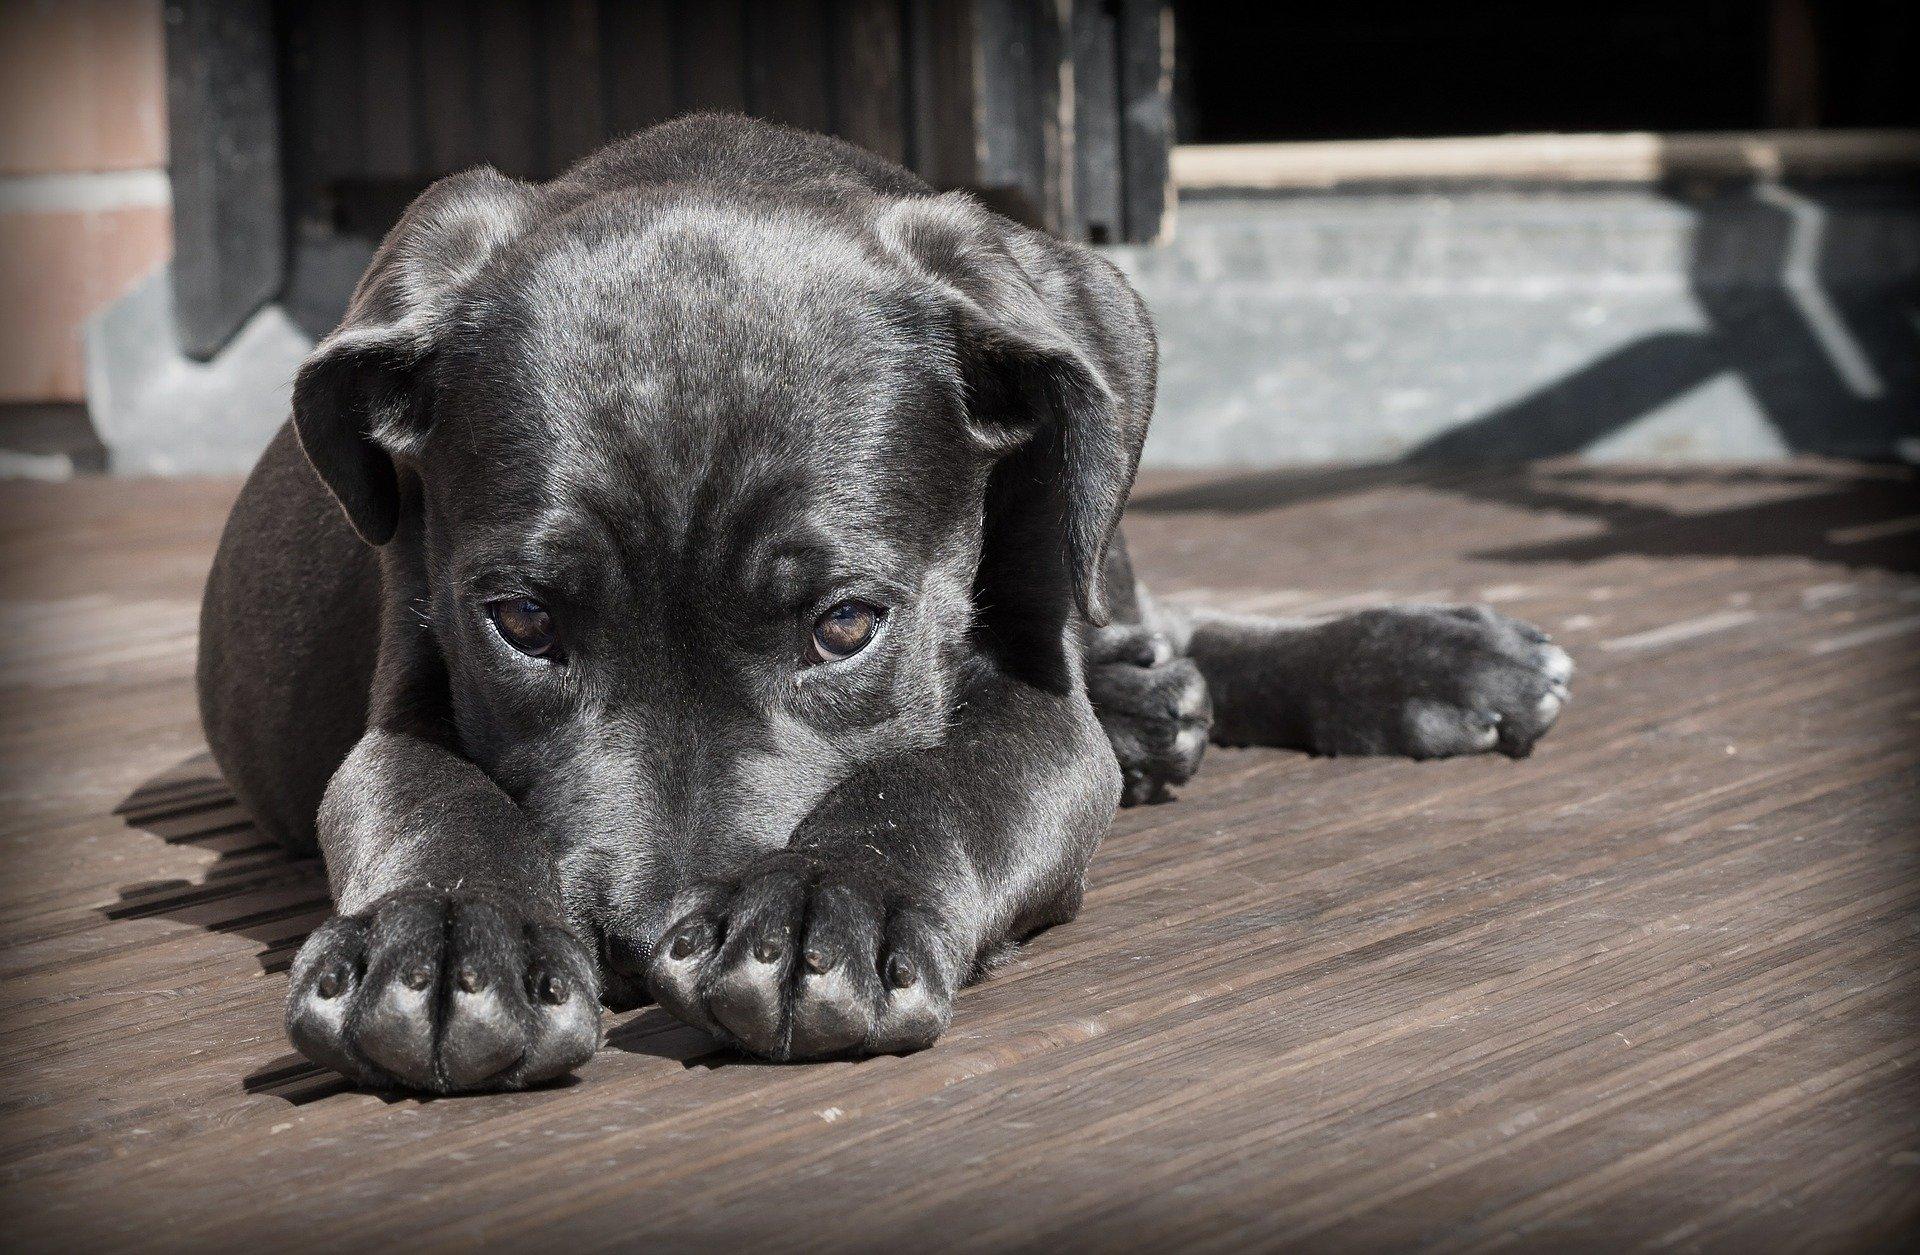 dog-423398_1920